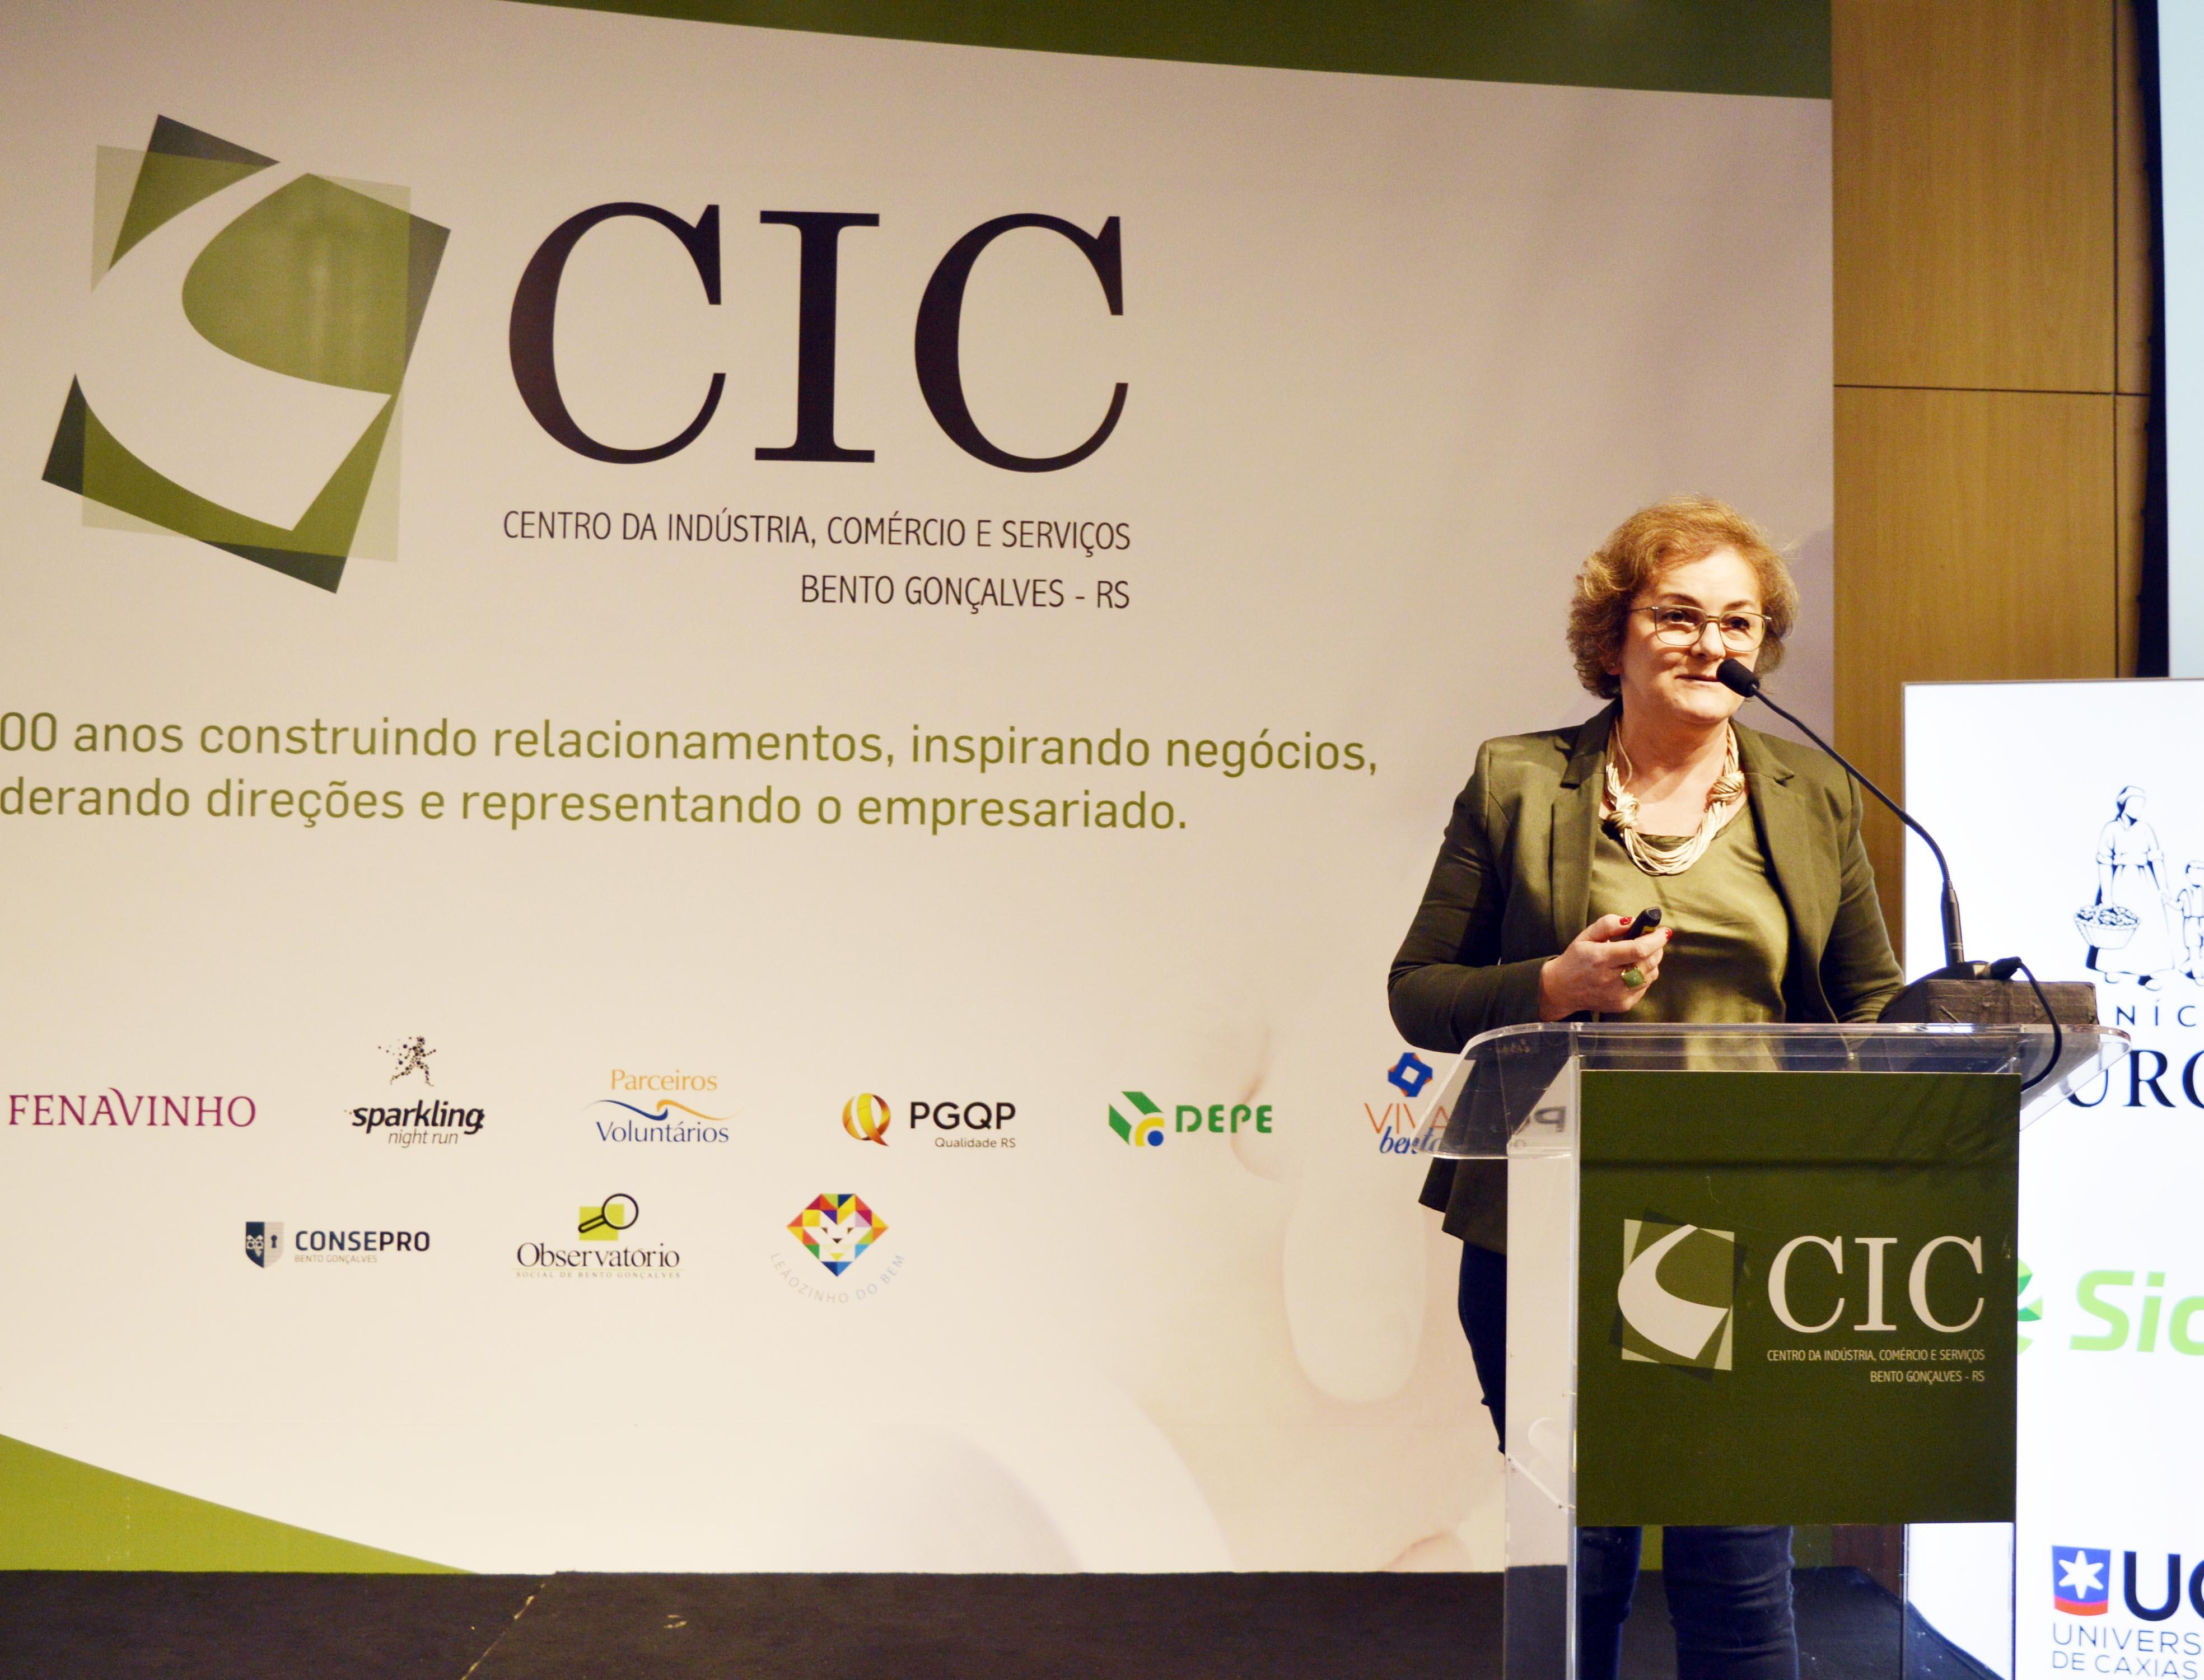 CIC-BG moderniza sistema de gestão e oferece facilidades aos associados